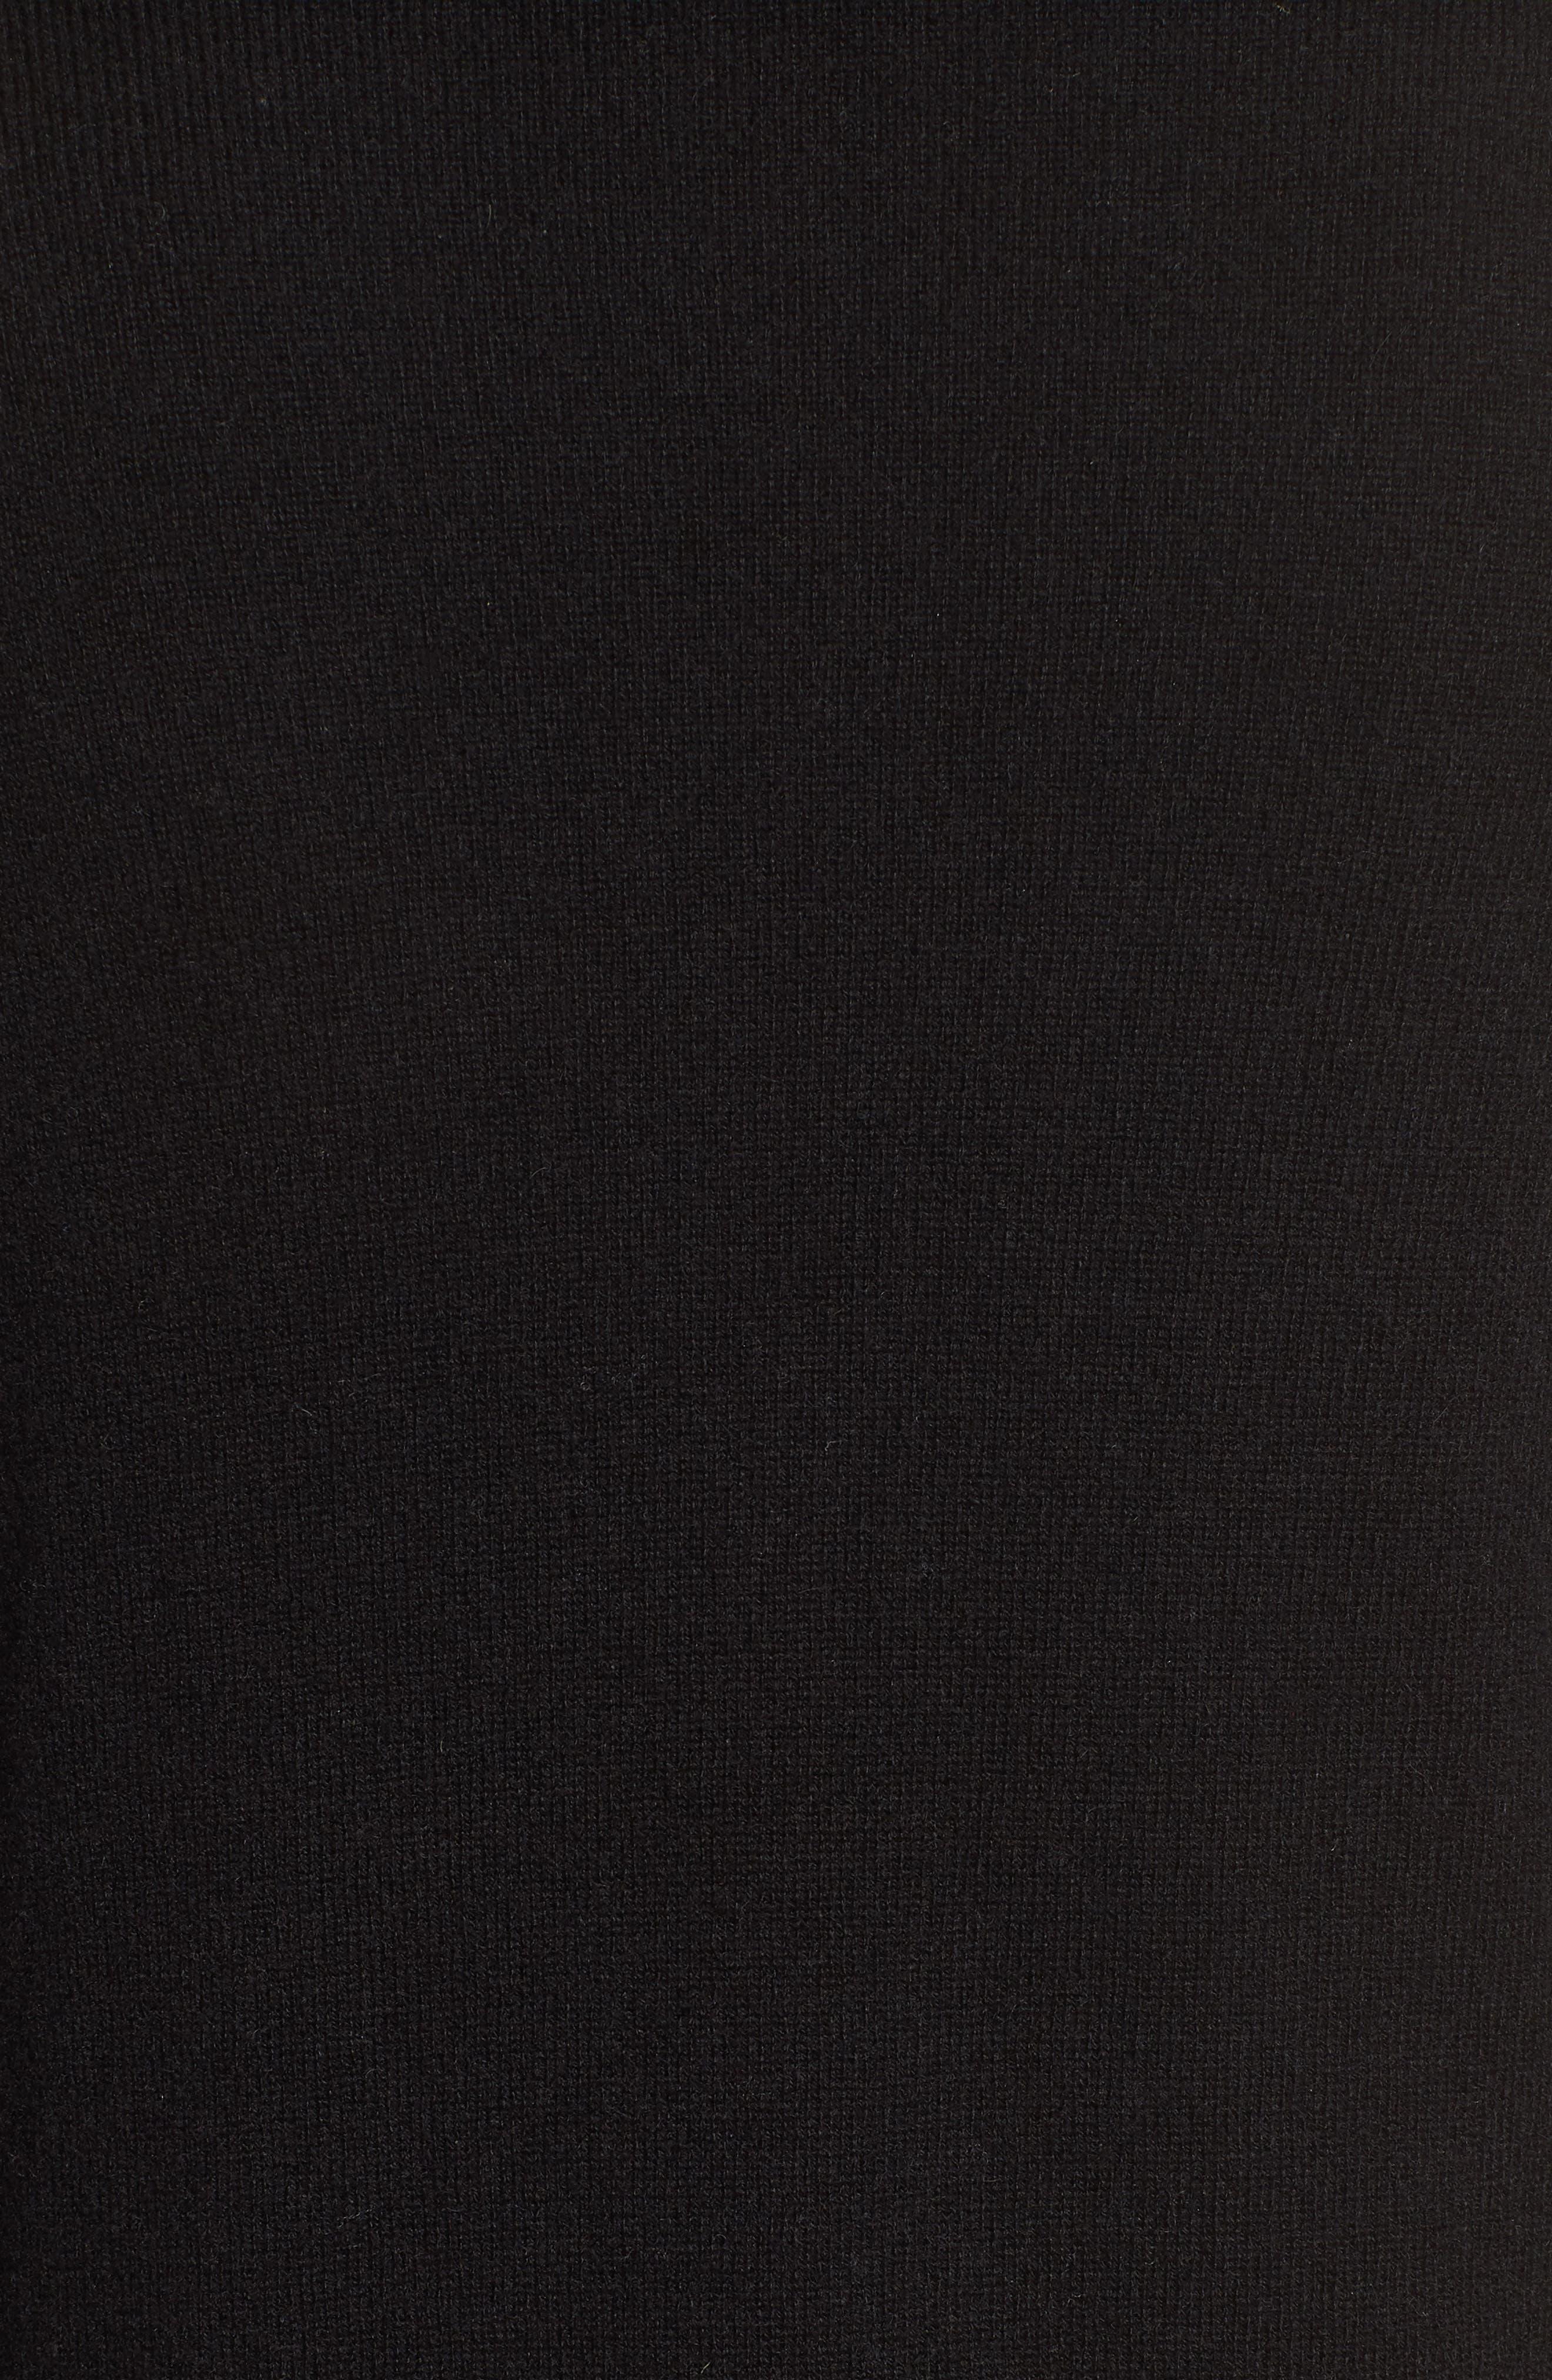 Cashmere Ruffle Hem Open Cardigan,                             Alternate thumbnail 5, color,                             BLACK